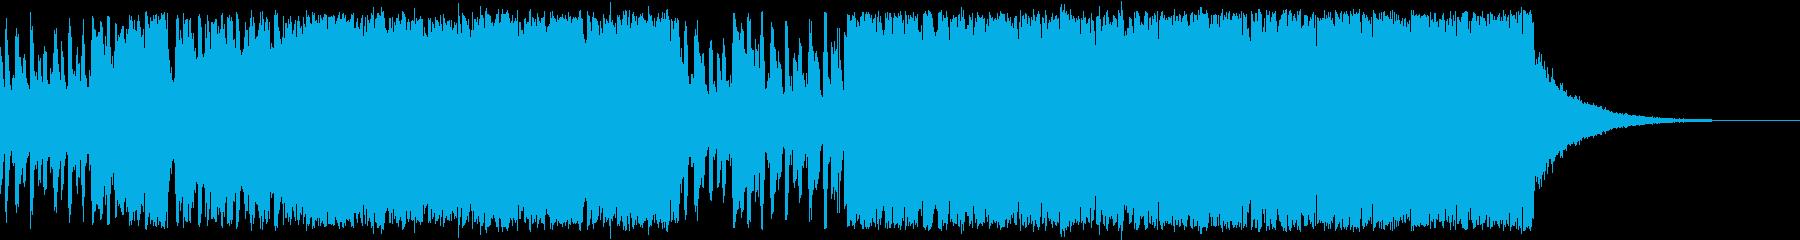 カジノ/変拍子のビッグバンドジャズの再生済みの波形